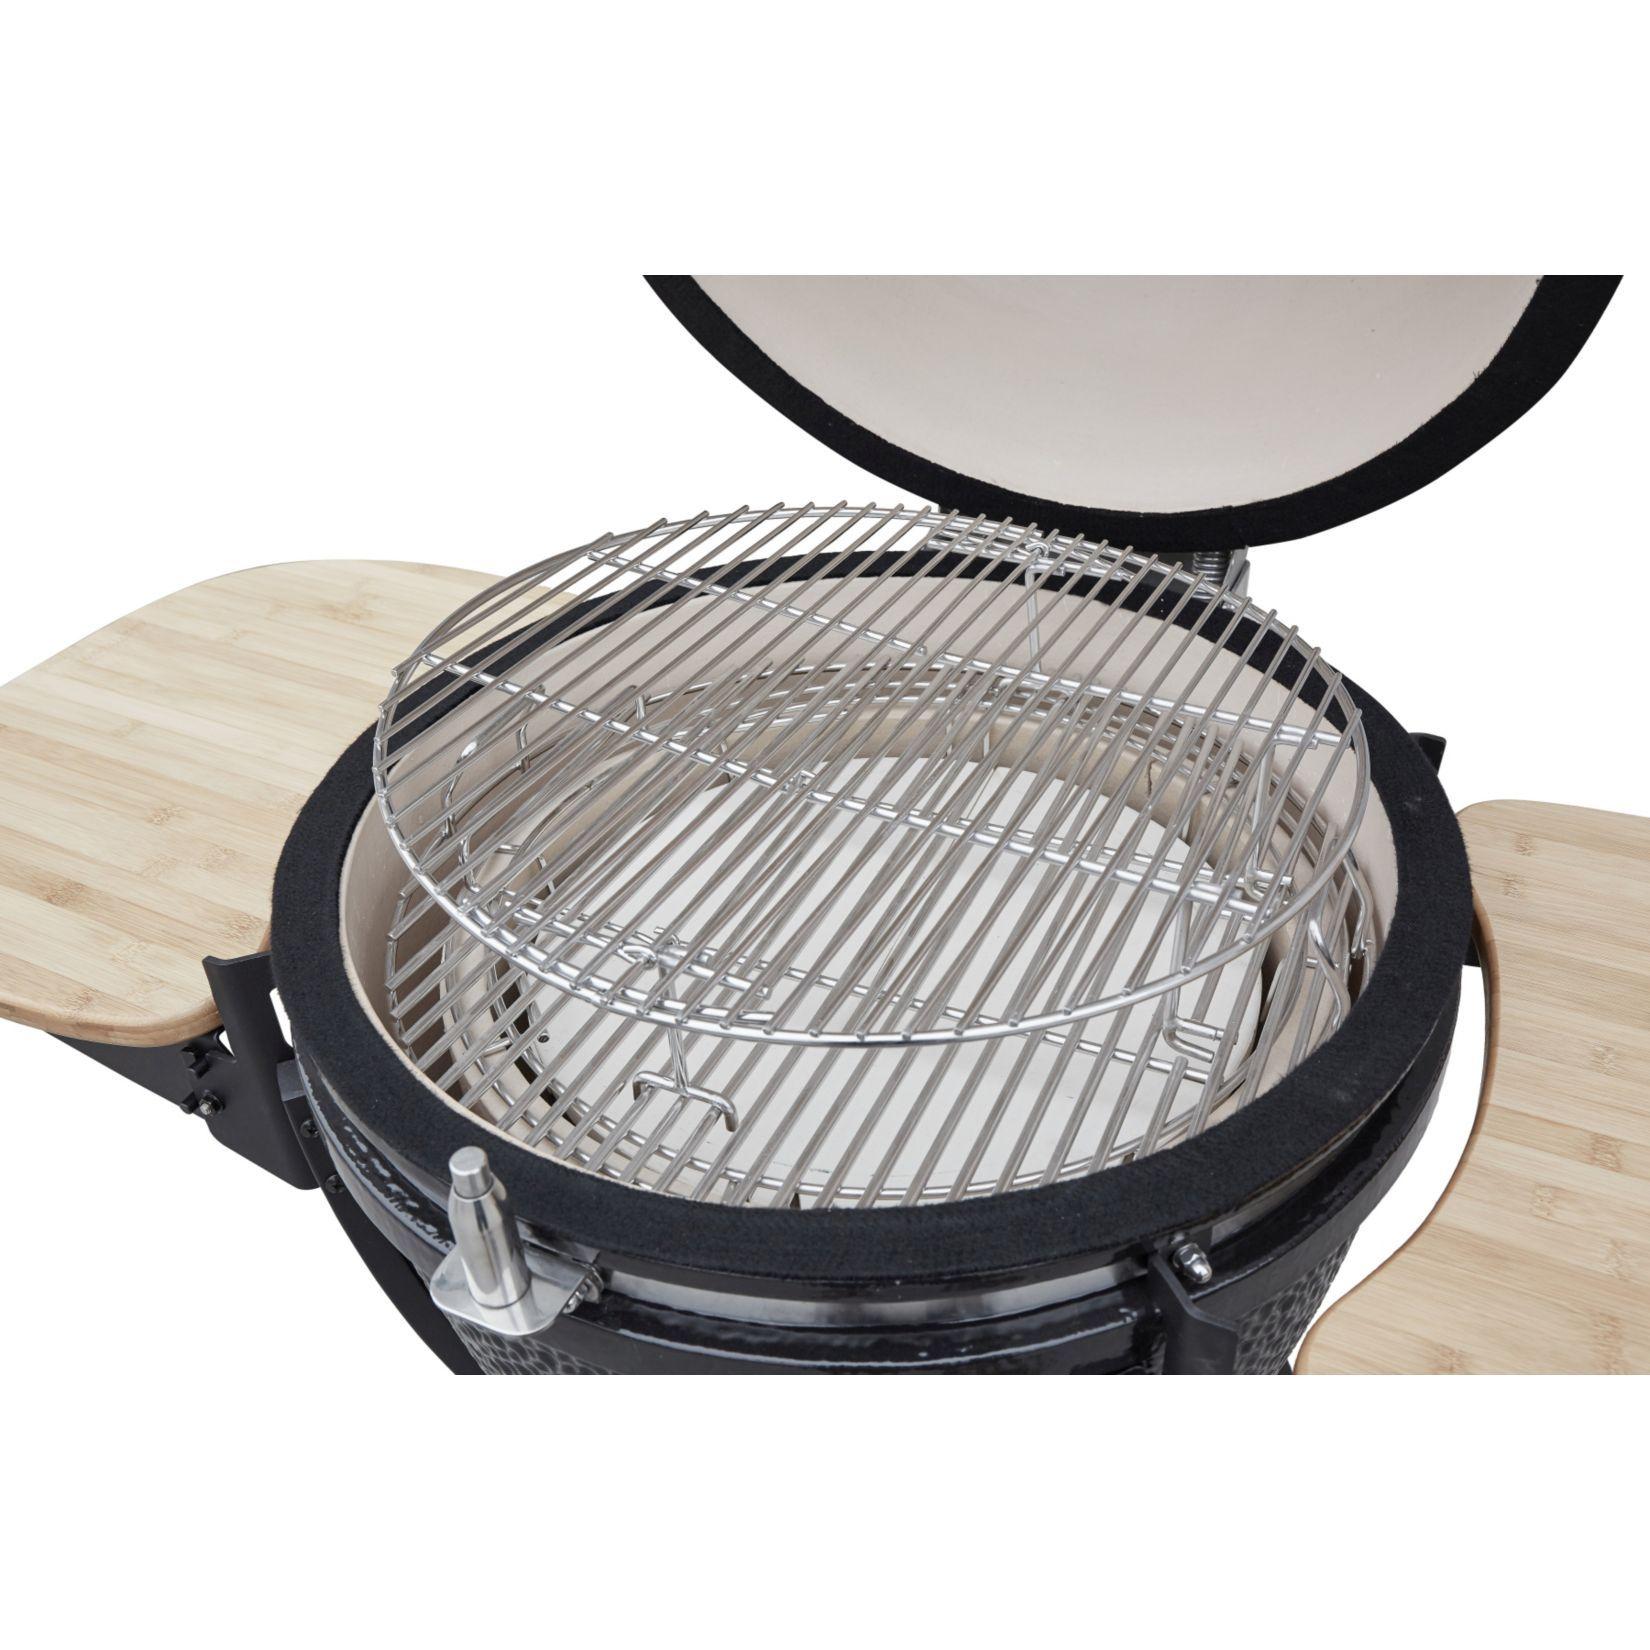 El Fuego Grill Kamado Keramik-Grill 560 G Bild 5